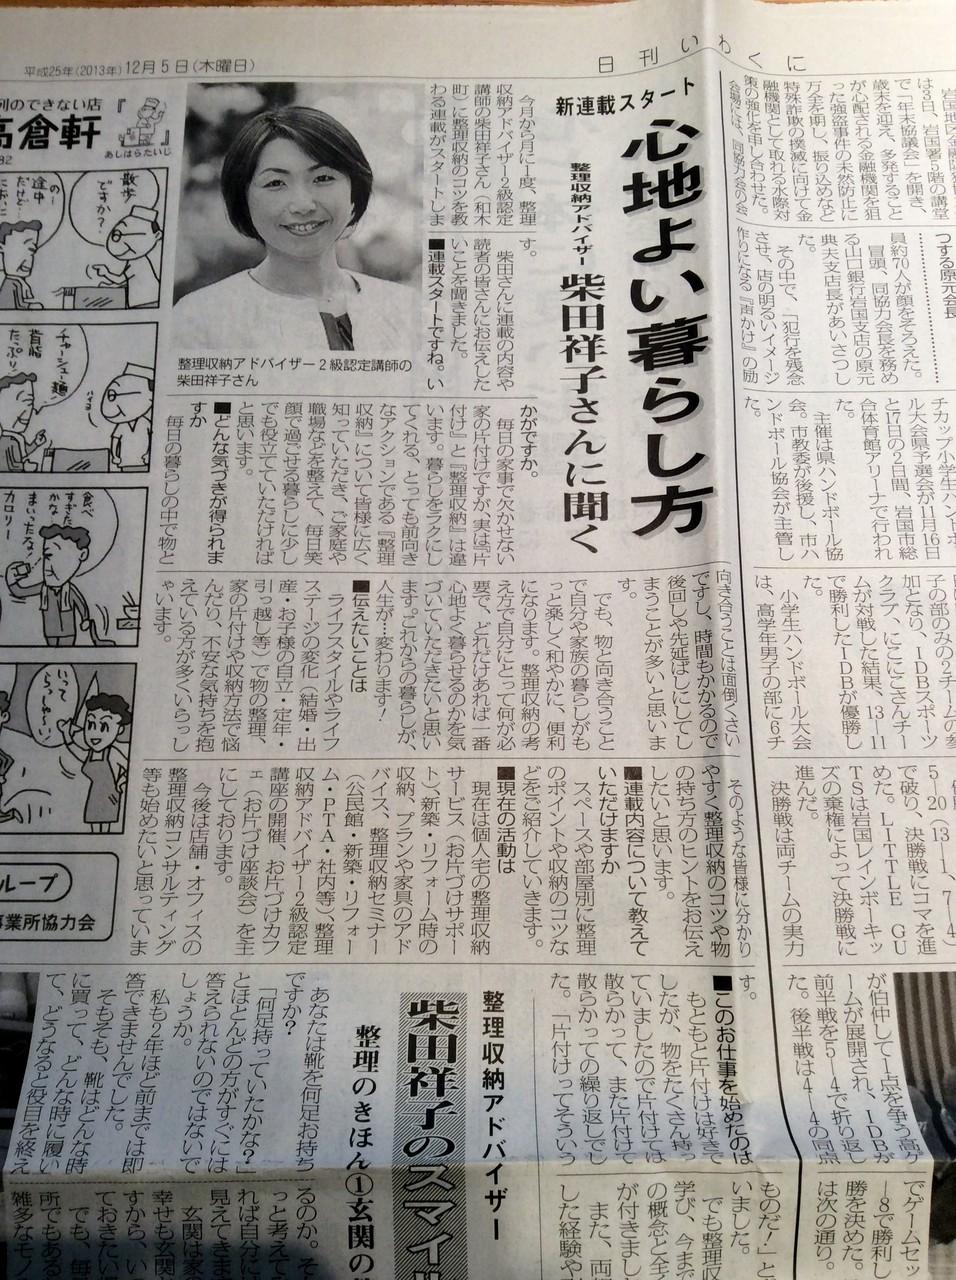 日刊いわくに 柴田祥子のスマイル通信全8回 2014年